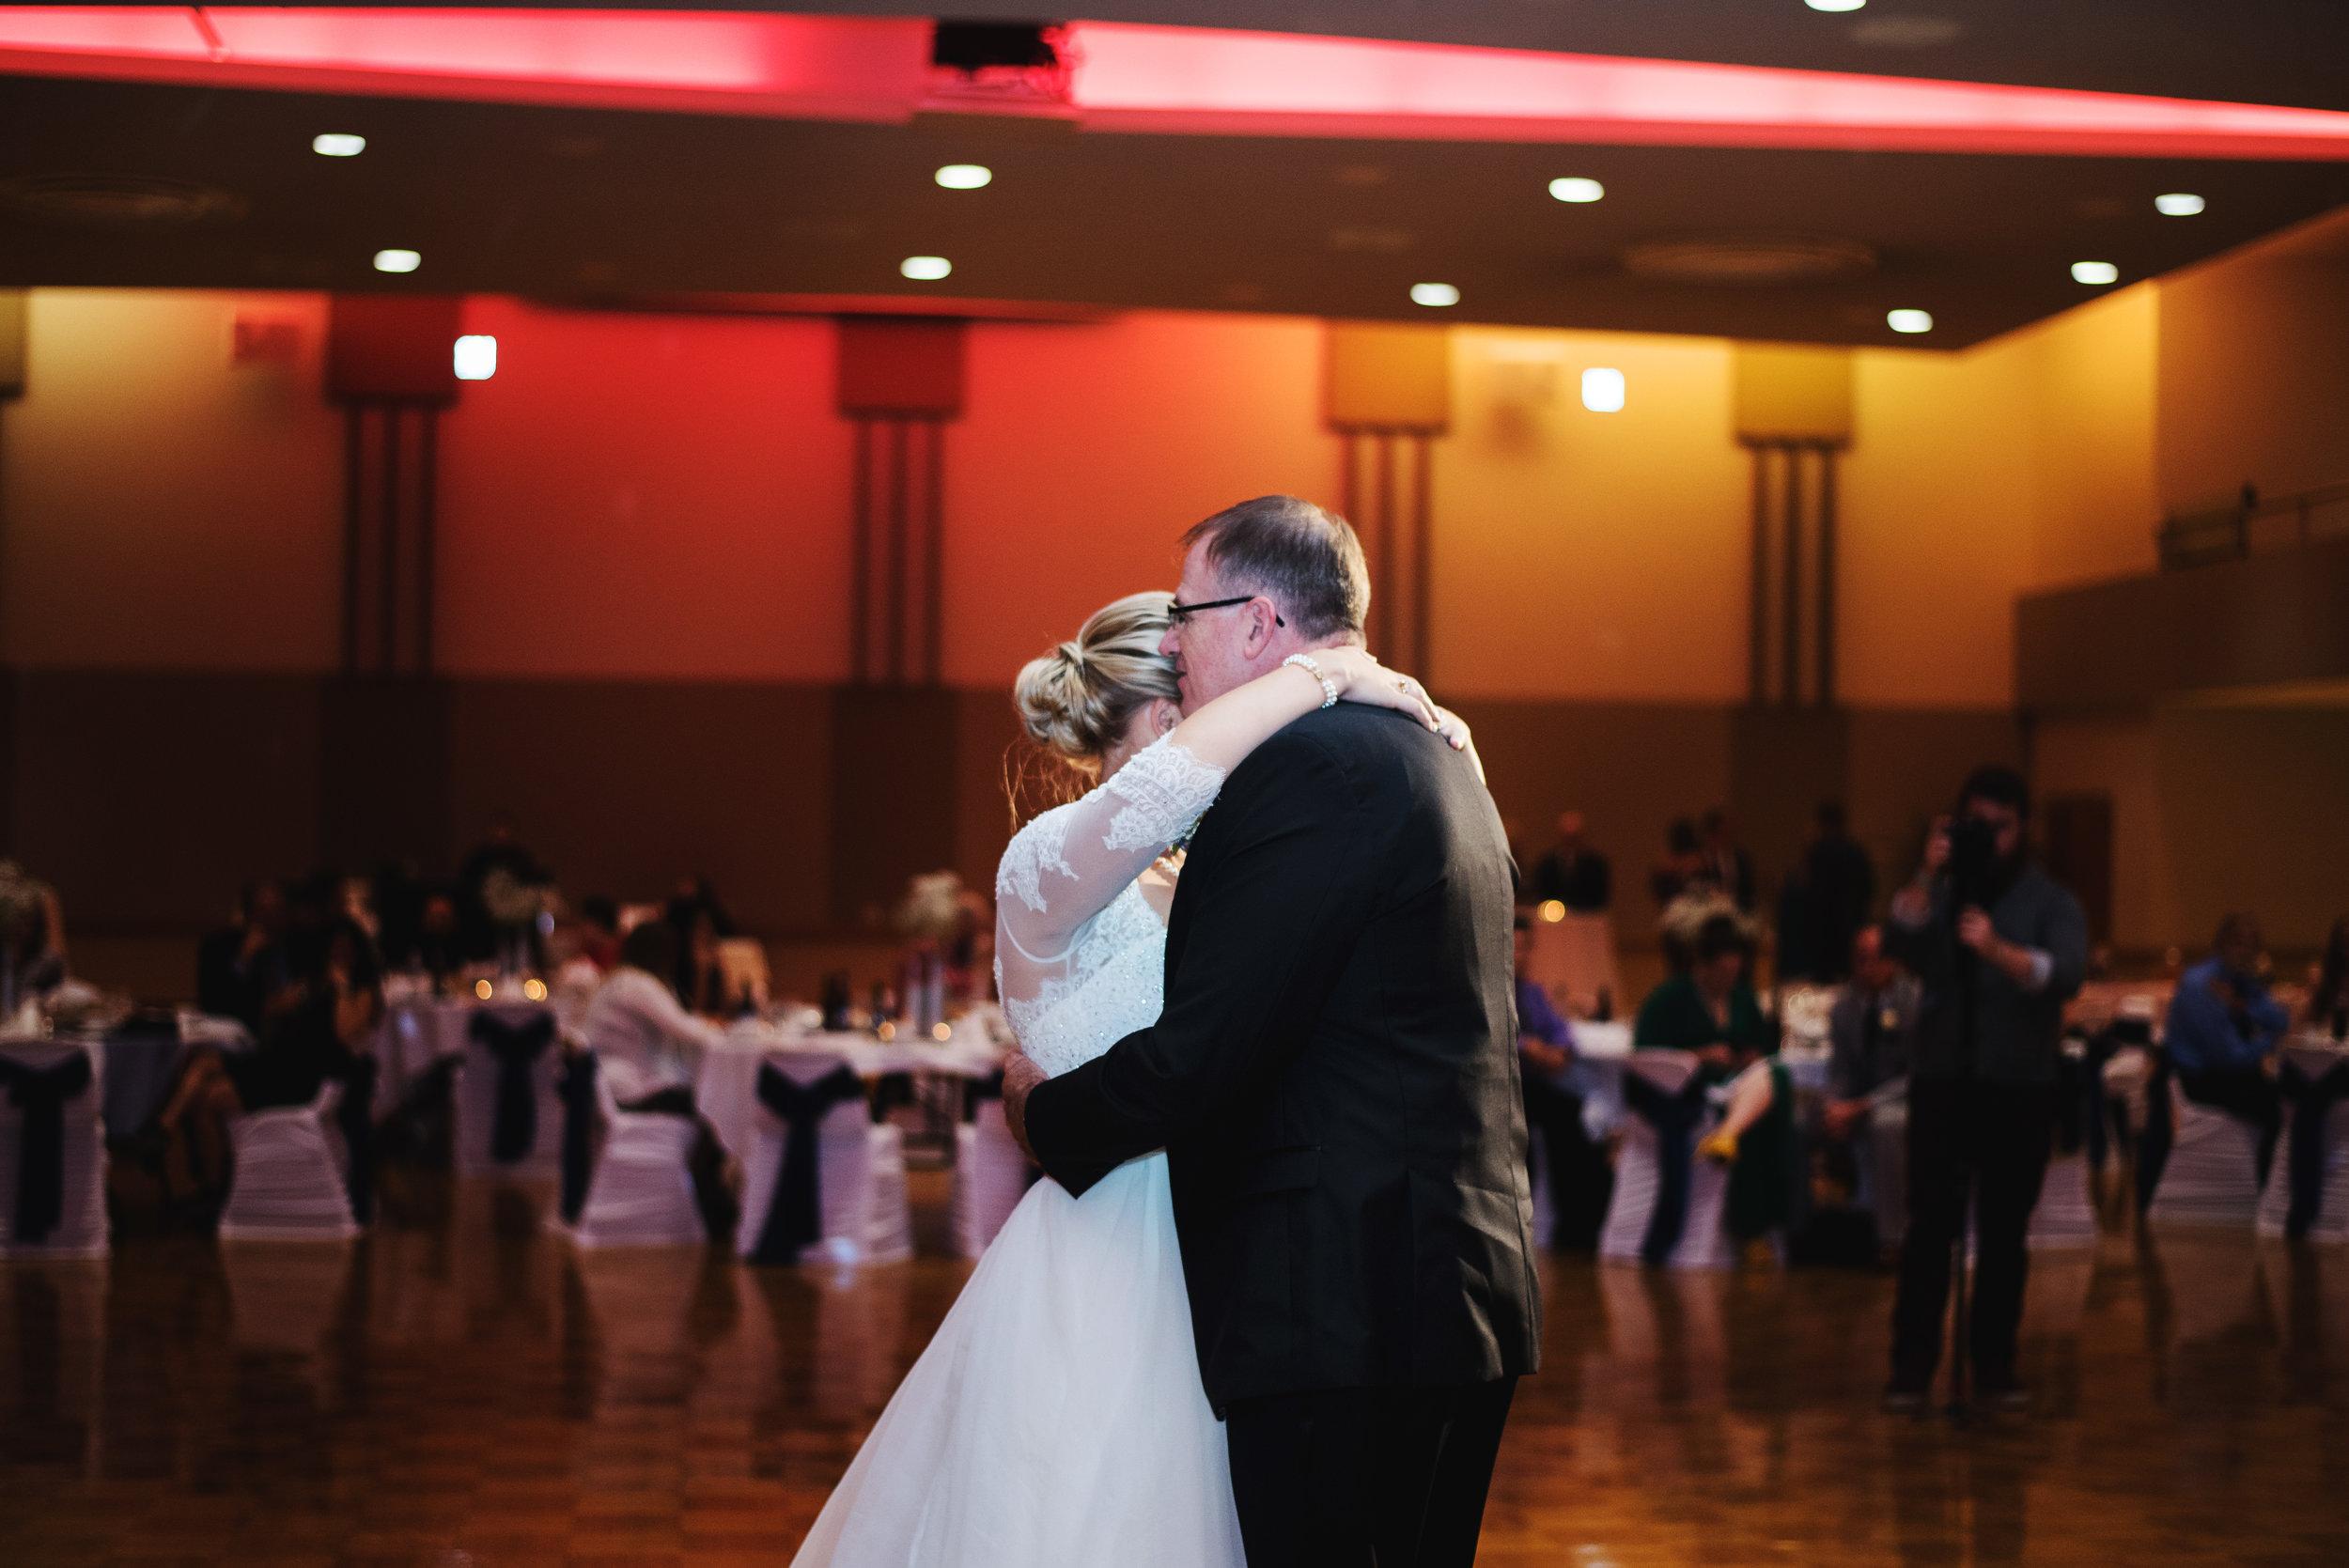 King-Northern-Illinois-University-Wedding133.jpg